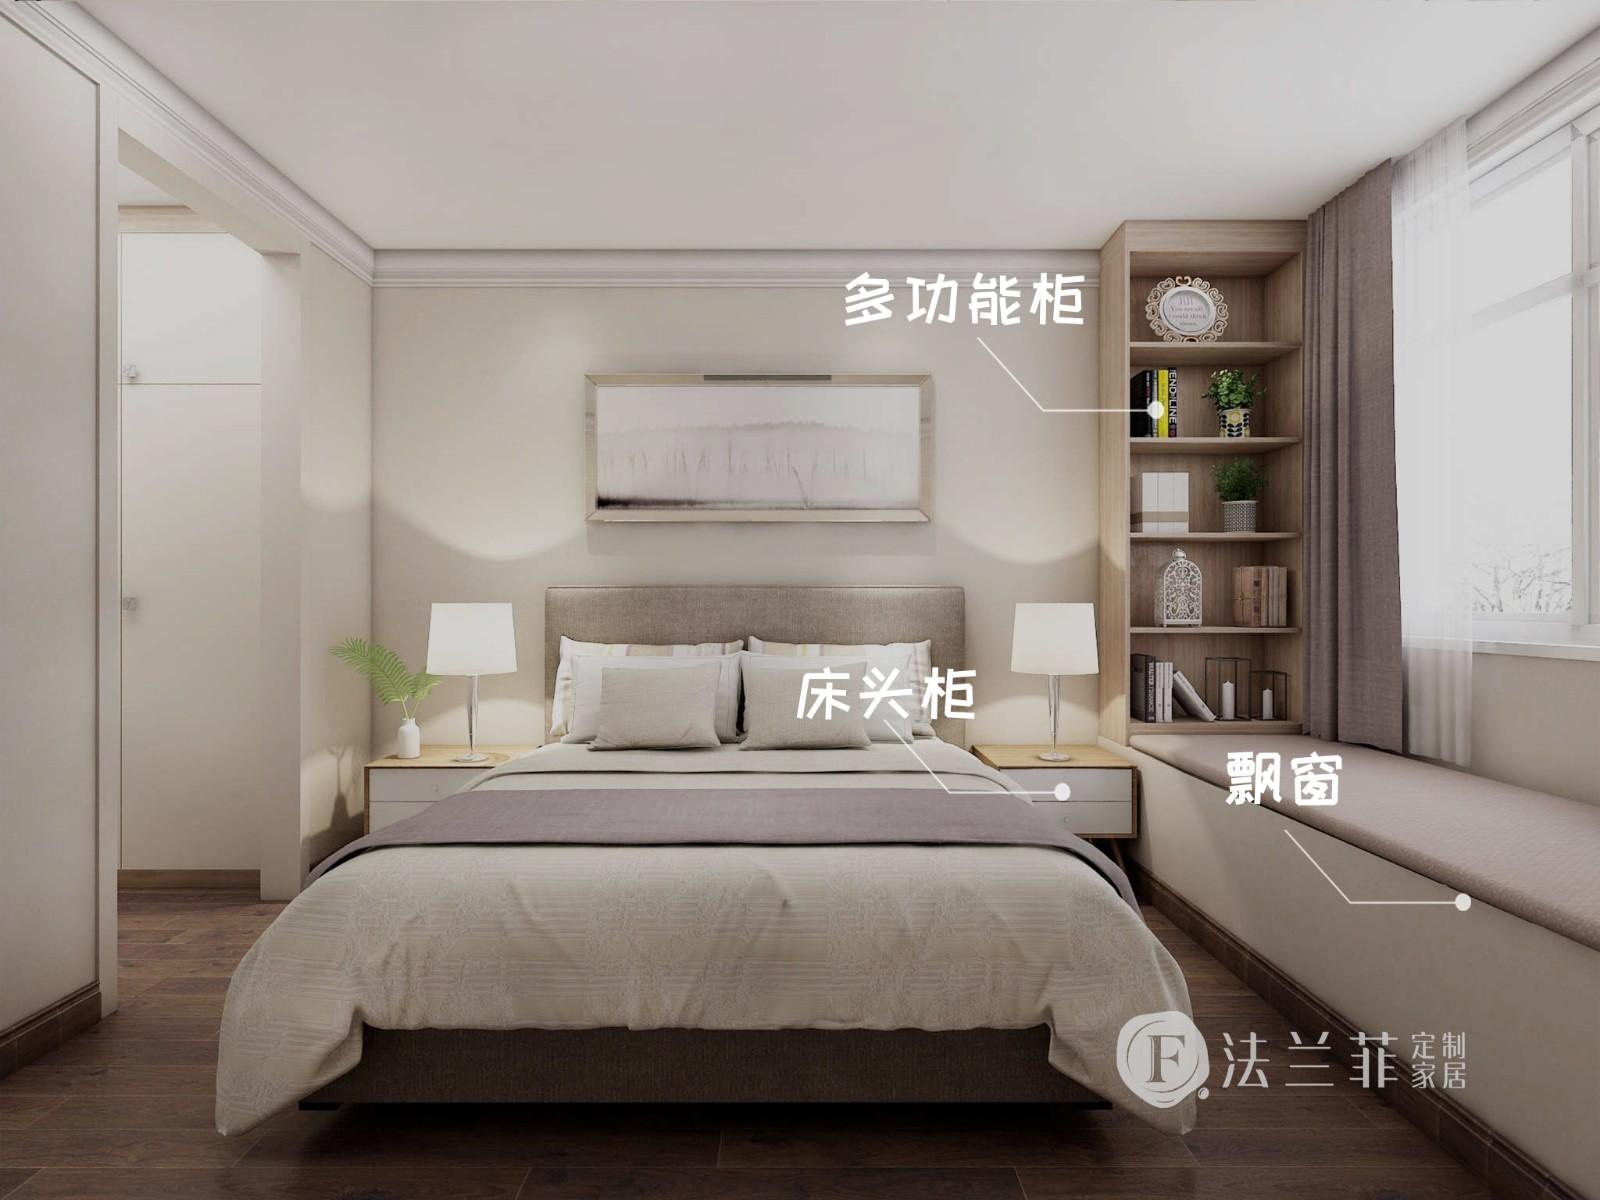 以合原木色柜体为主配合简白门板,摒弃过多的复杂装饰,用绿植妆点房间